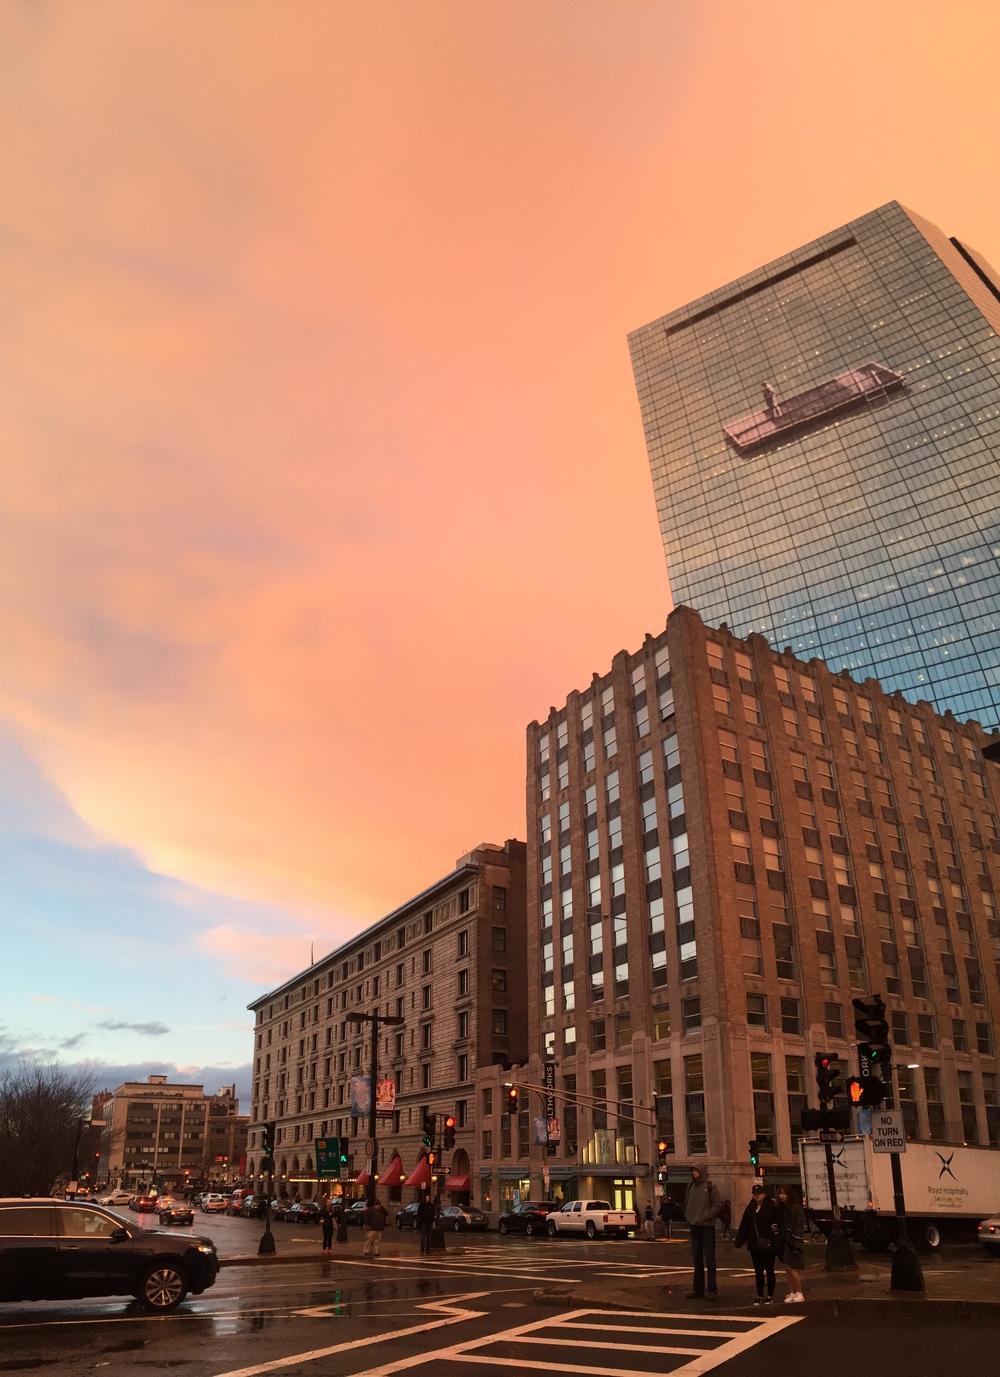 下著雨的波士頓是粉紅色的天